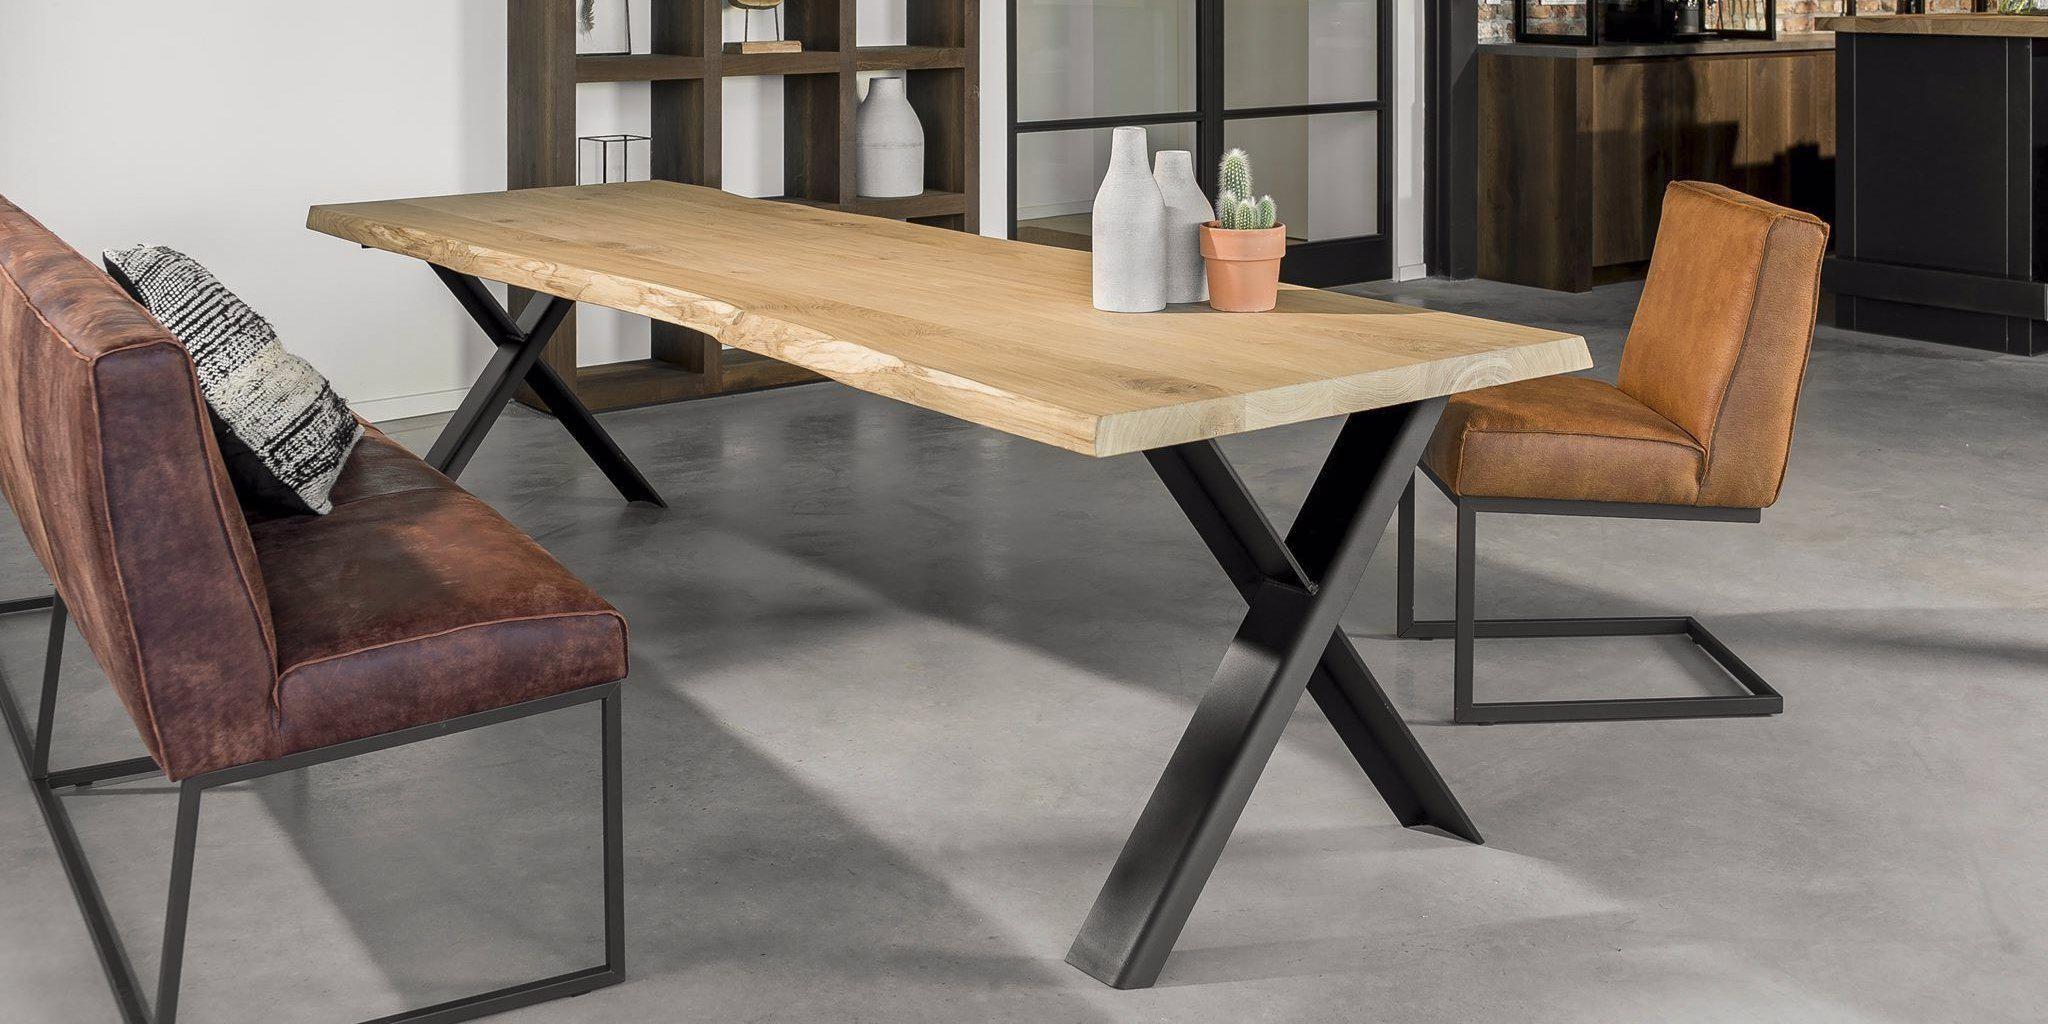 Table en chêne Live Edge réalisée par nos artisans Evert et Teun.